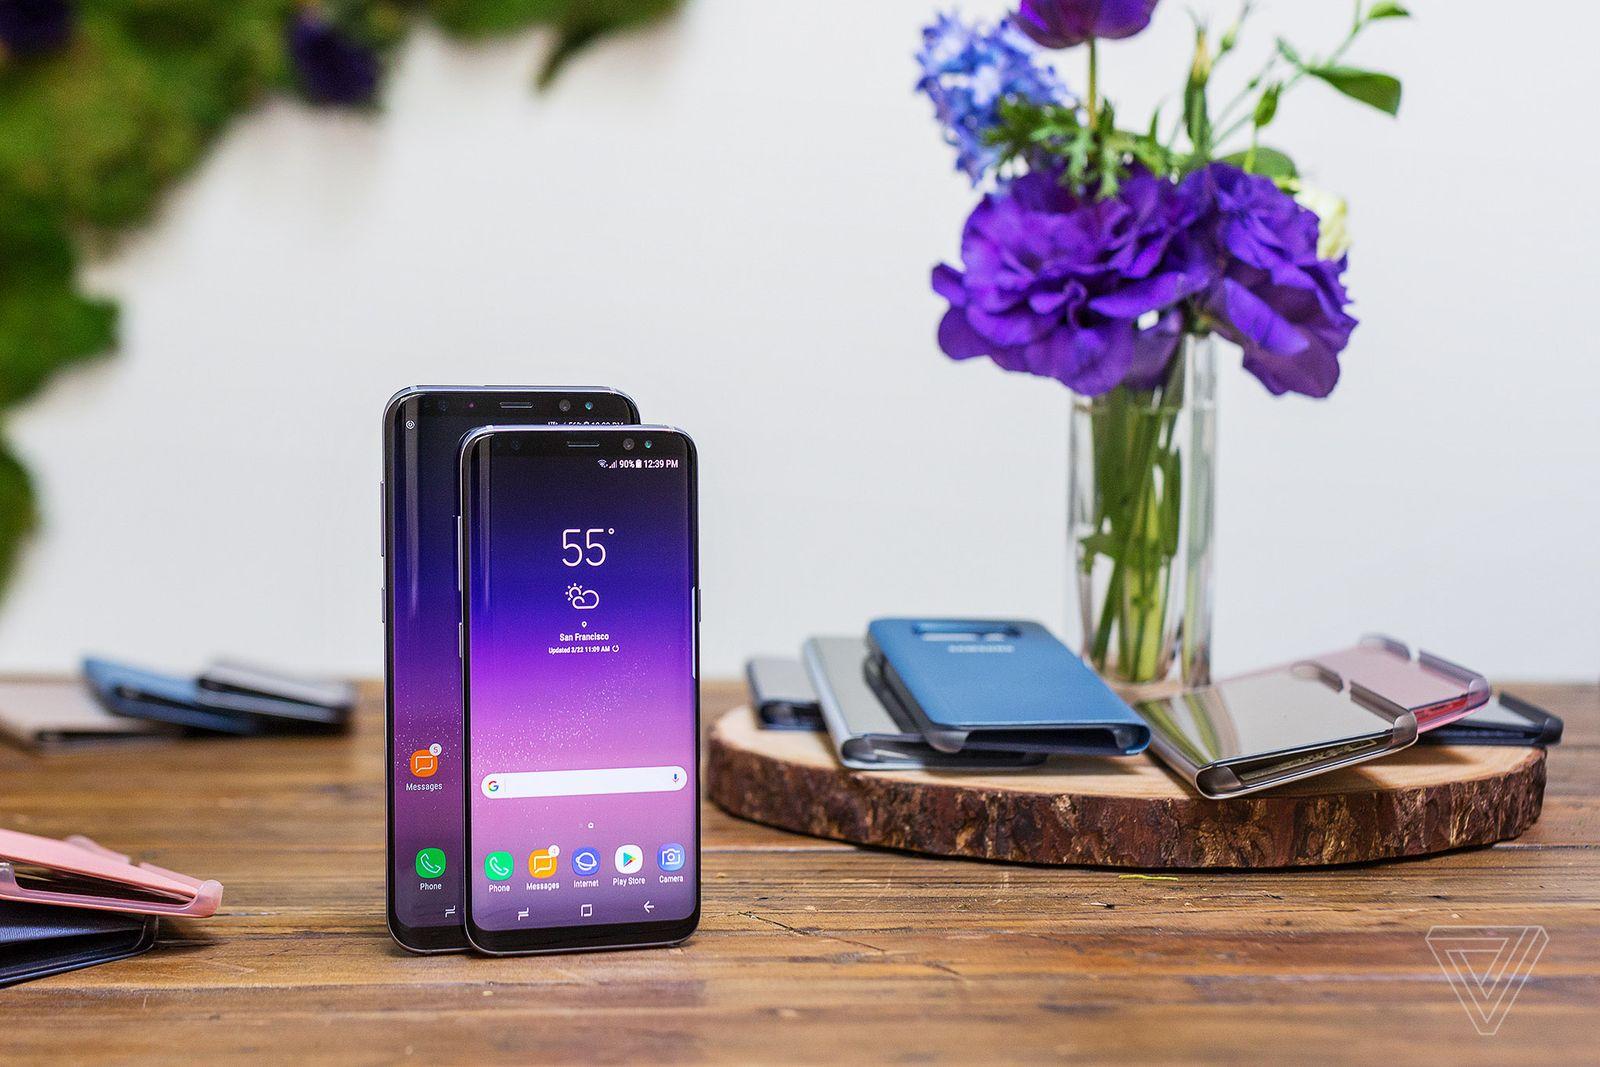 Samsung presenta i nuovi Galaxy S8 e Galaxy S8+: ecco tutte le novità! [FOTO + VIDEO]